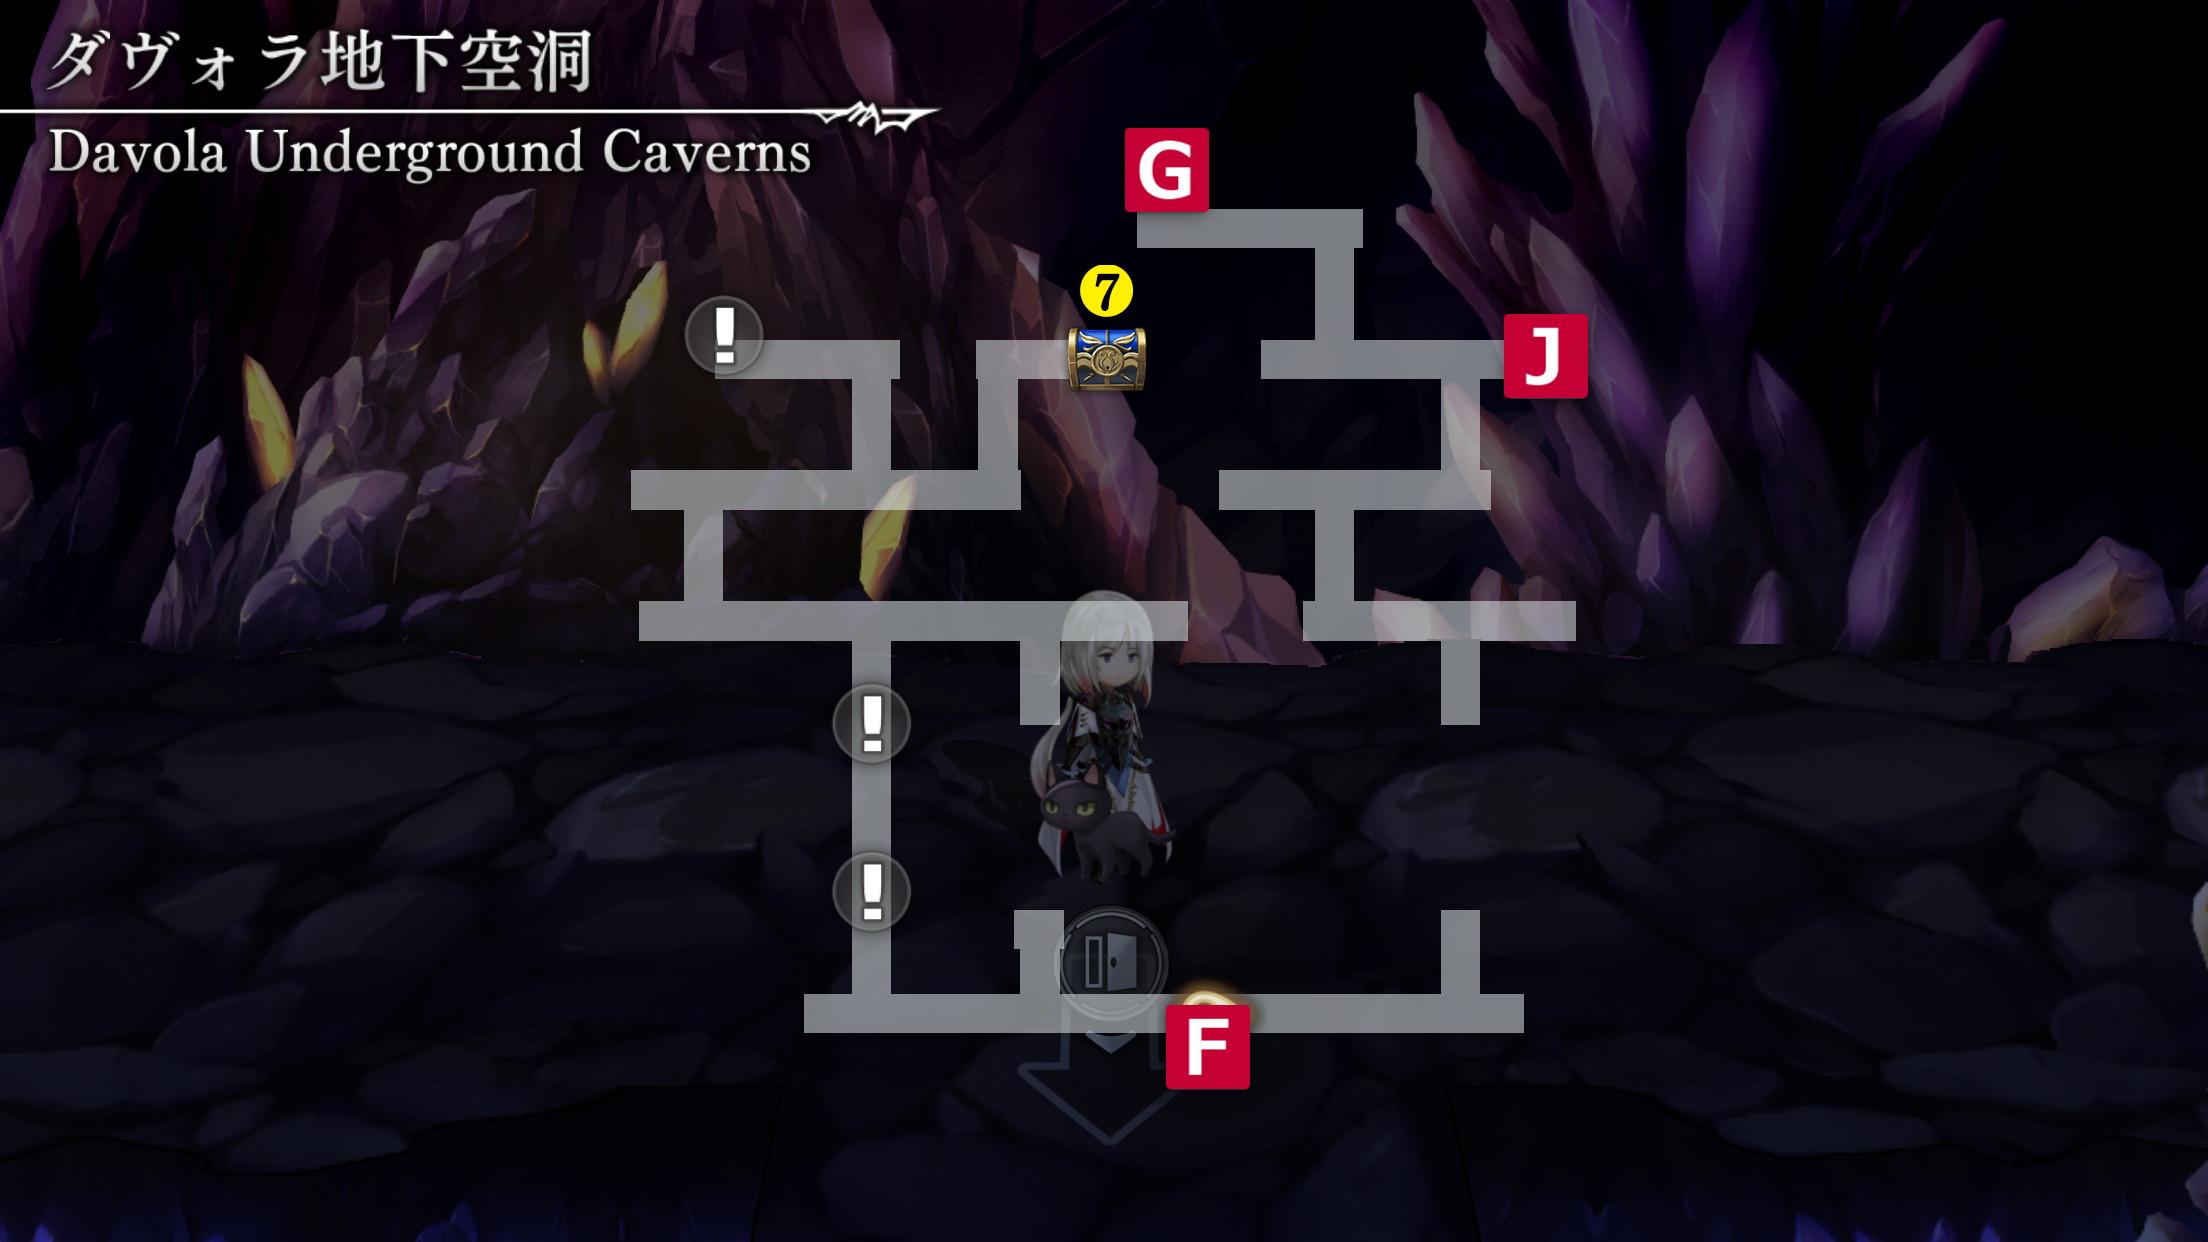 ダヴォラ地下空洞マップ7